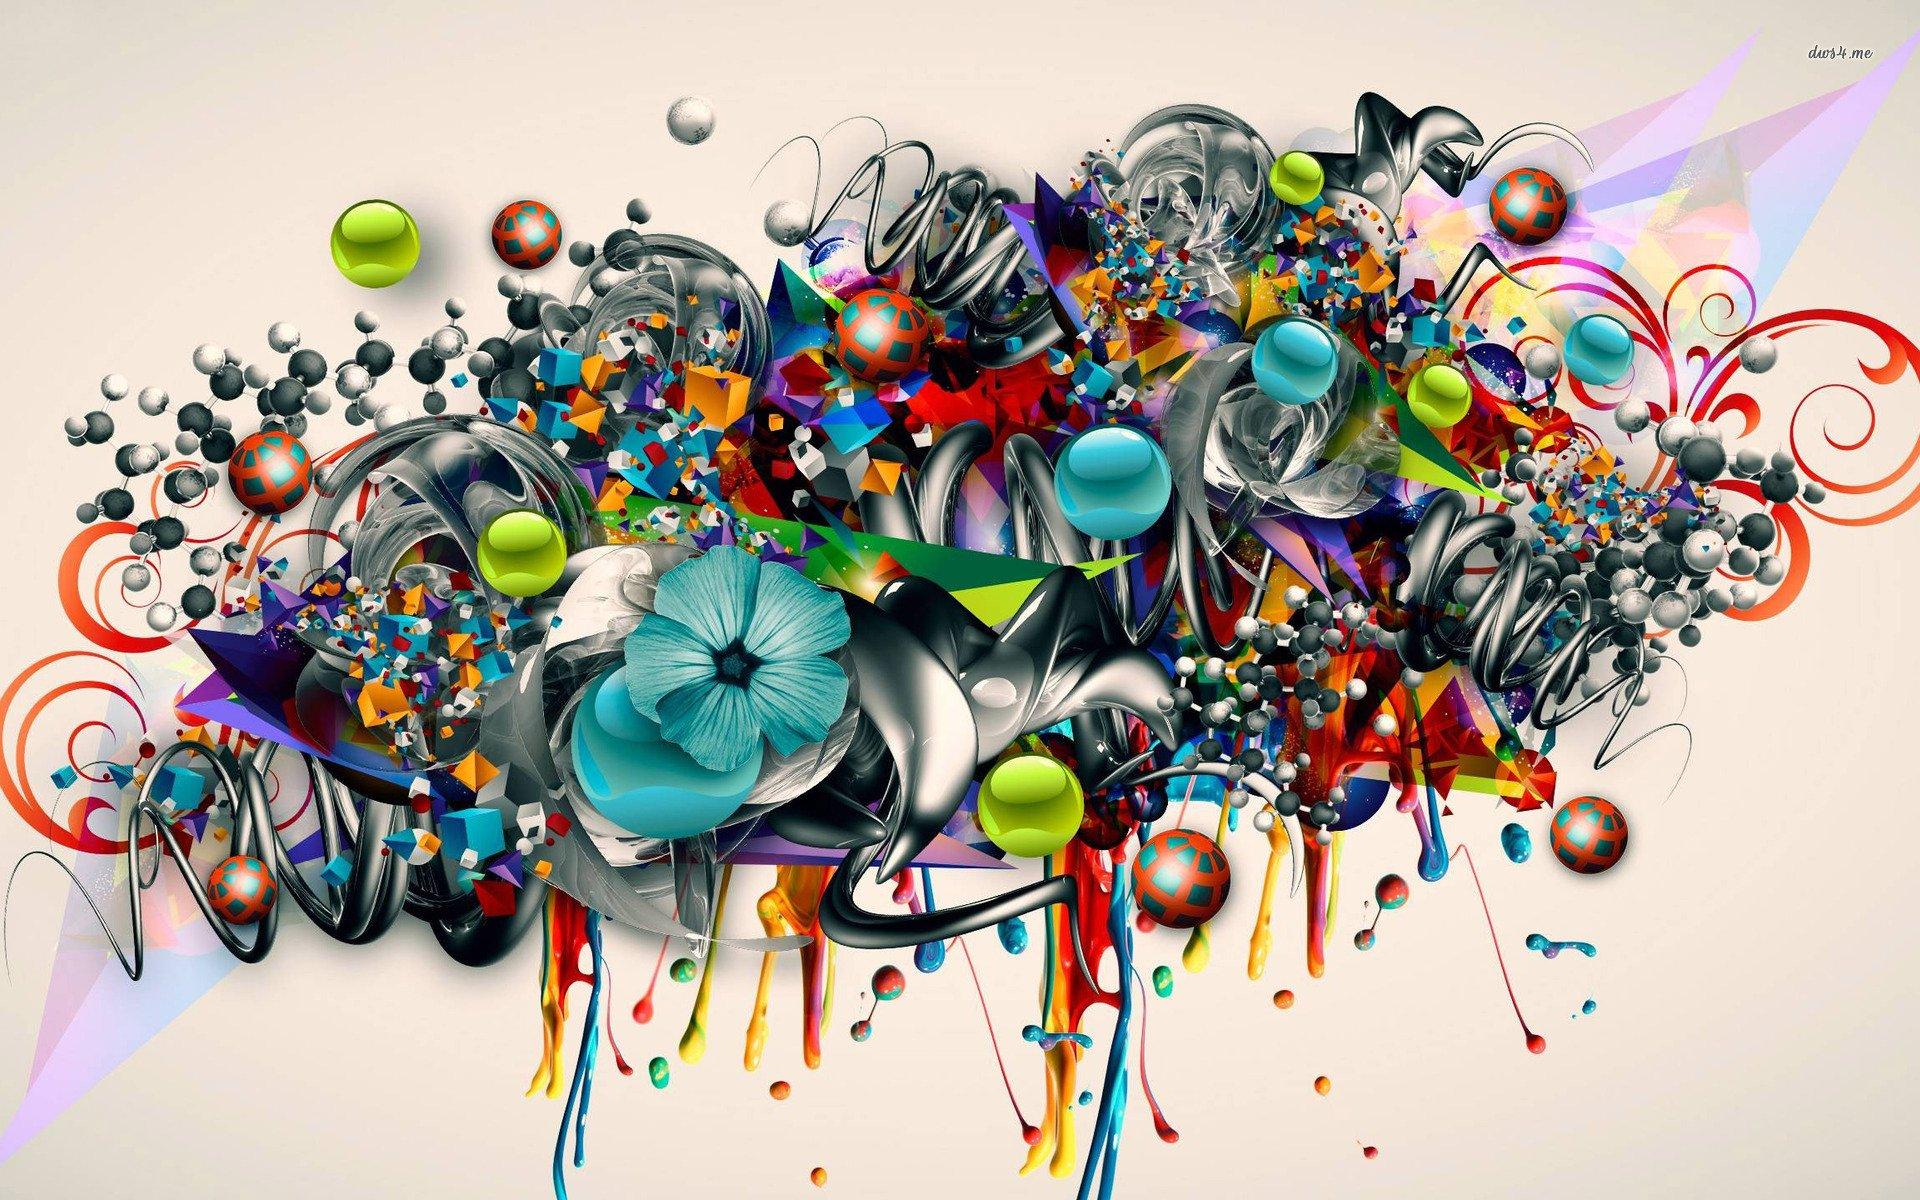 Arti-graphiti